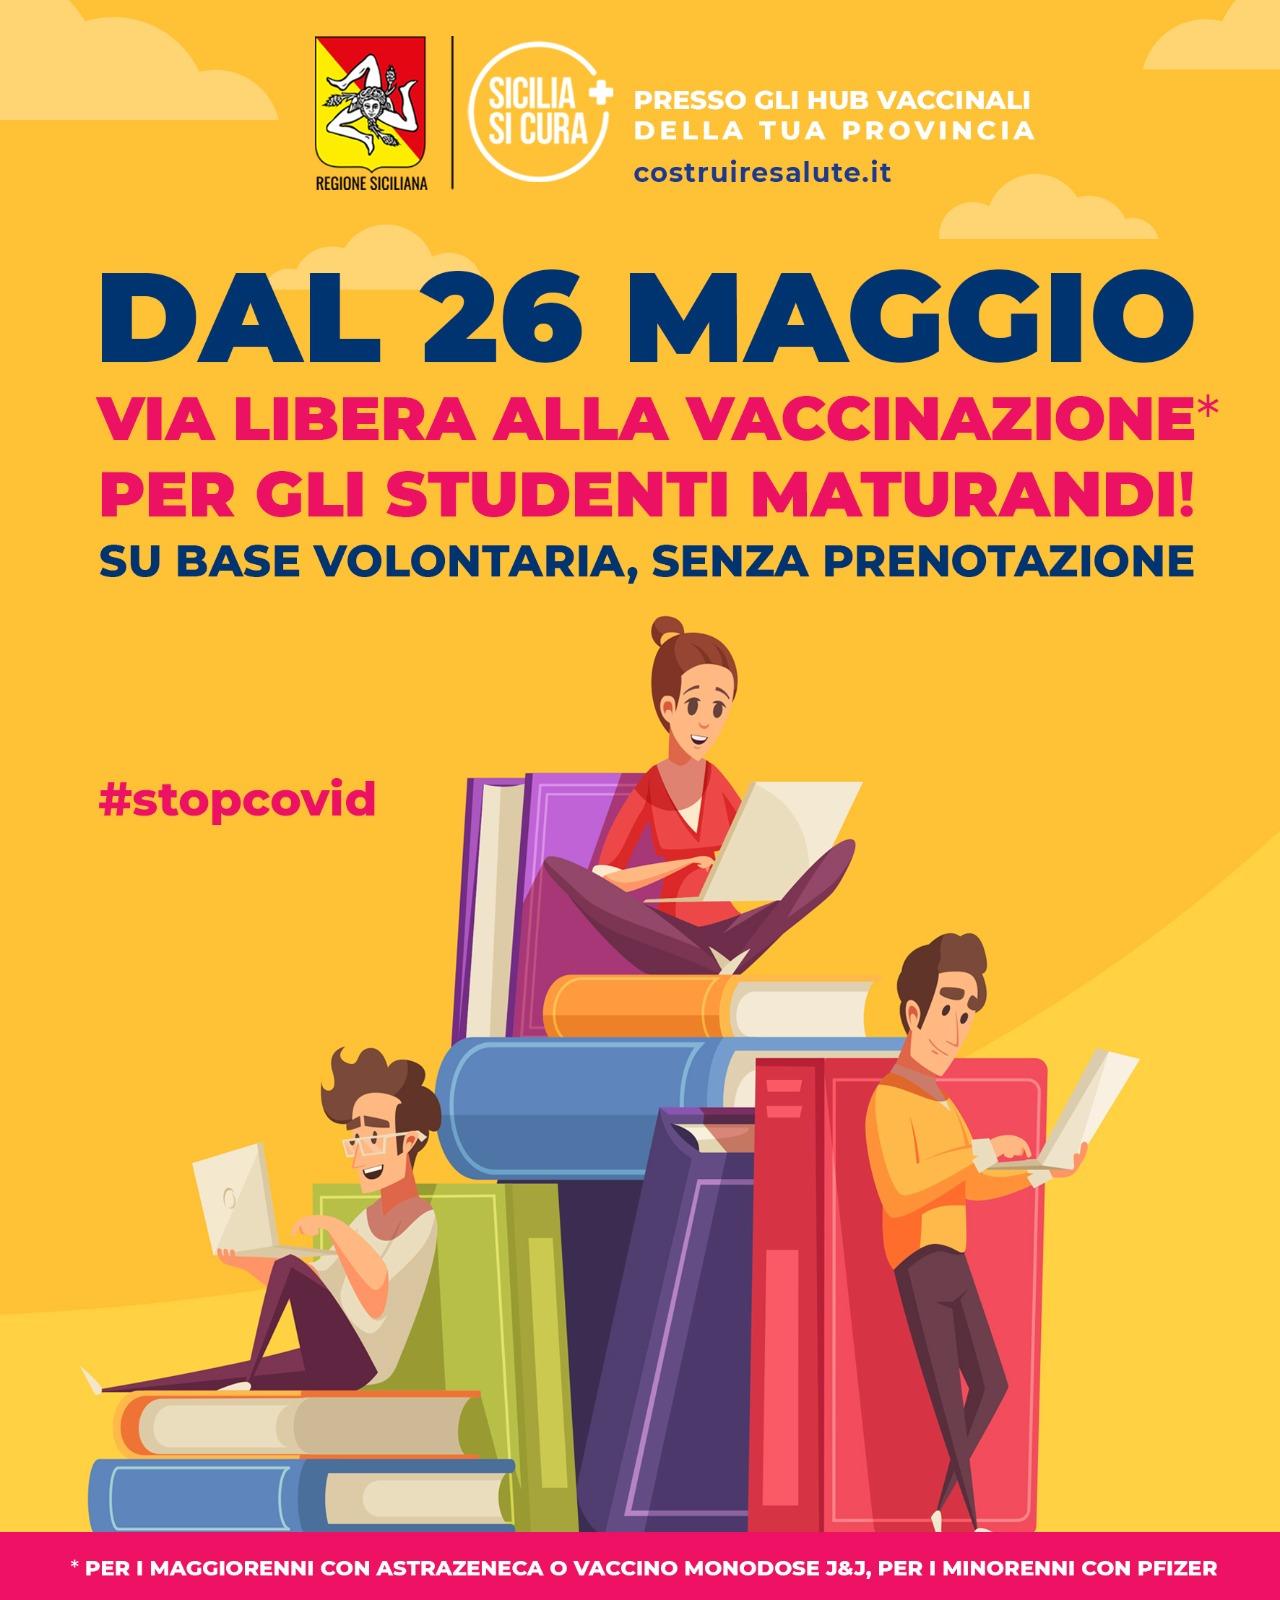 vaccino ai maturandi in sicilia